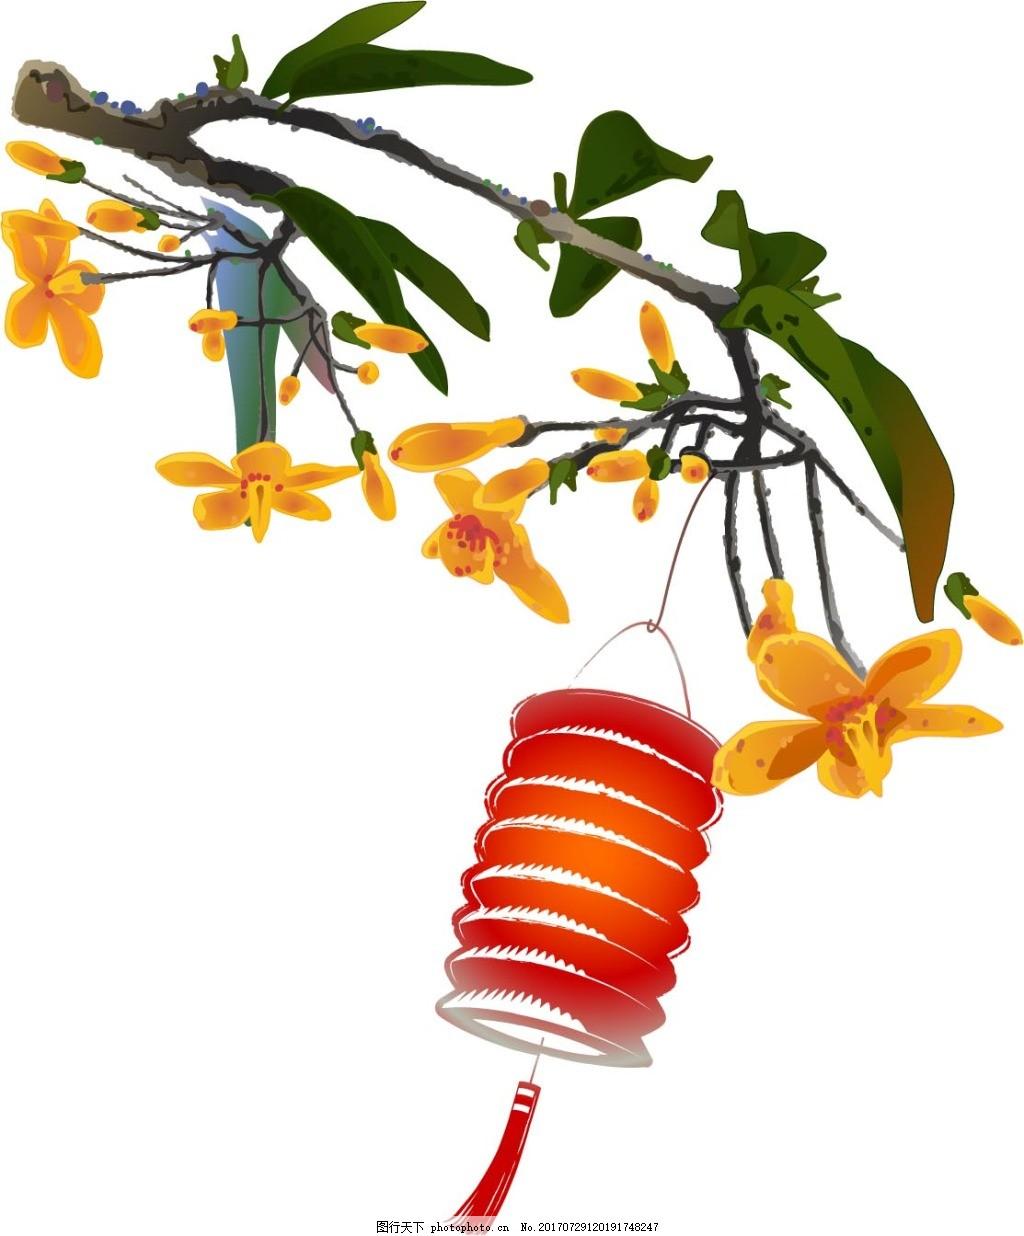 水墨画灯笼树枝元素 手绘 绿叶 树枝 黄色花朵 红色灯笼 节日元素 png